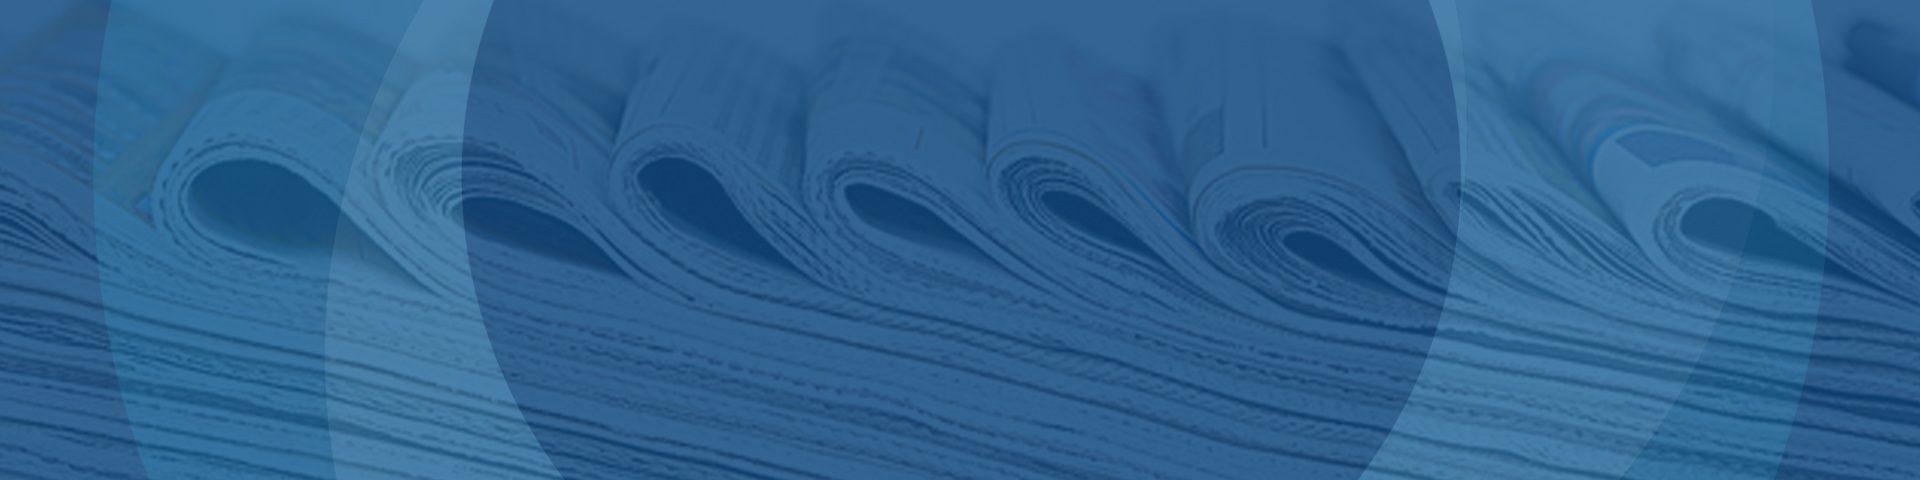 Momentum Factor Newsletter - The Social Selling Update